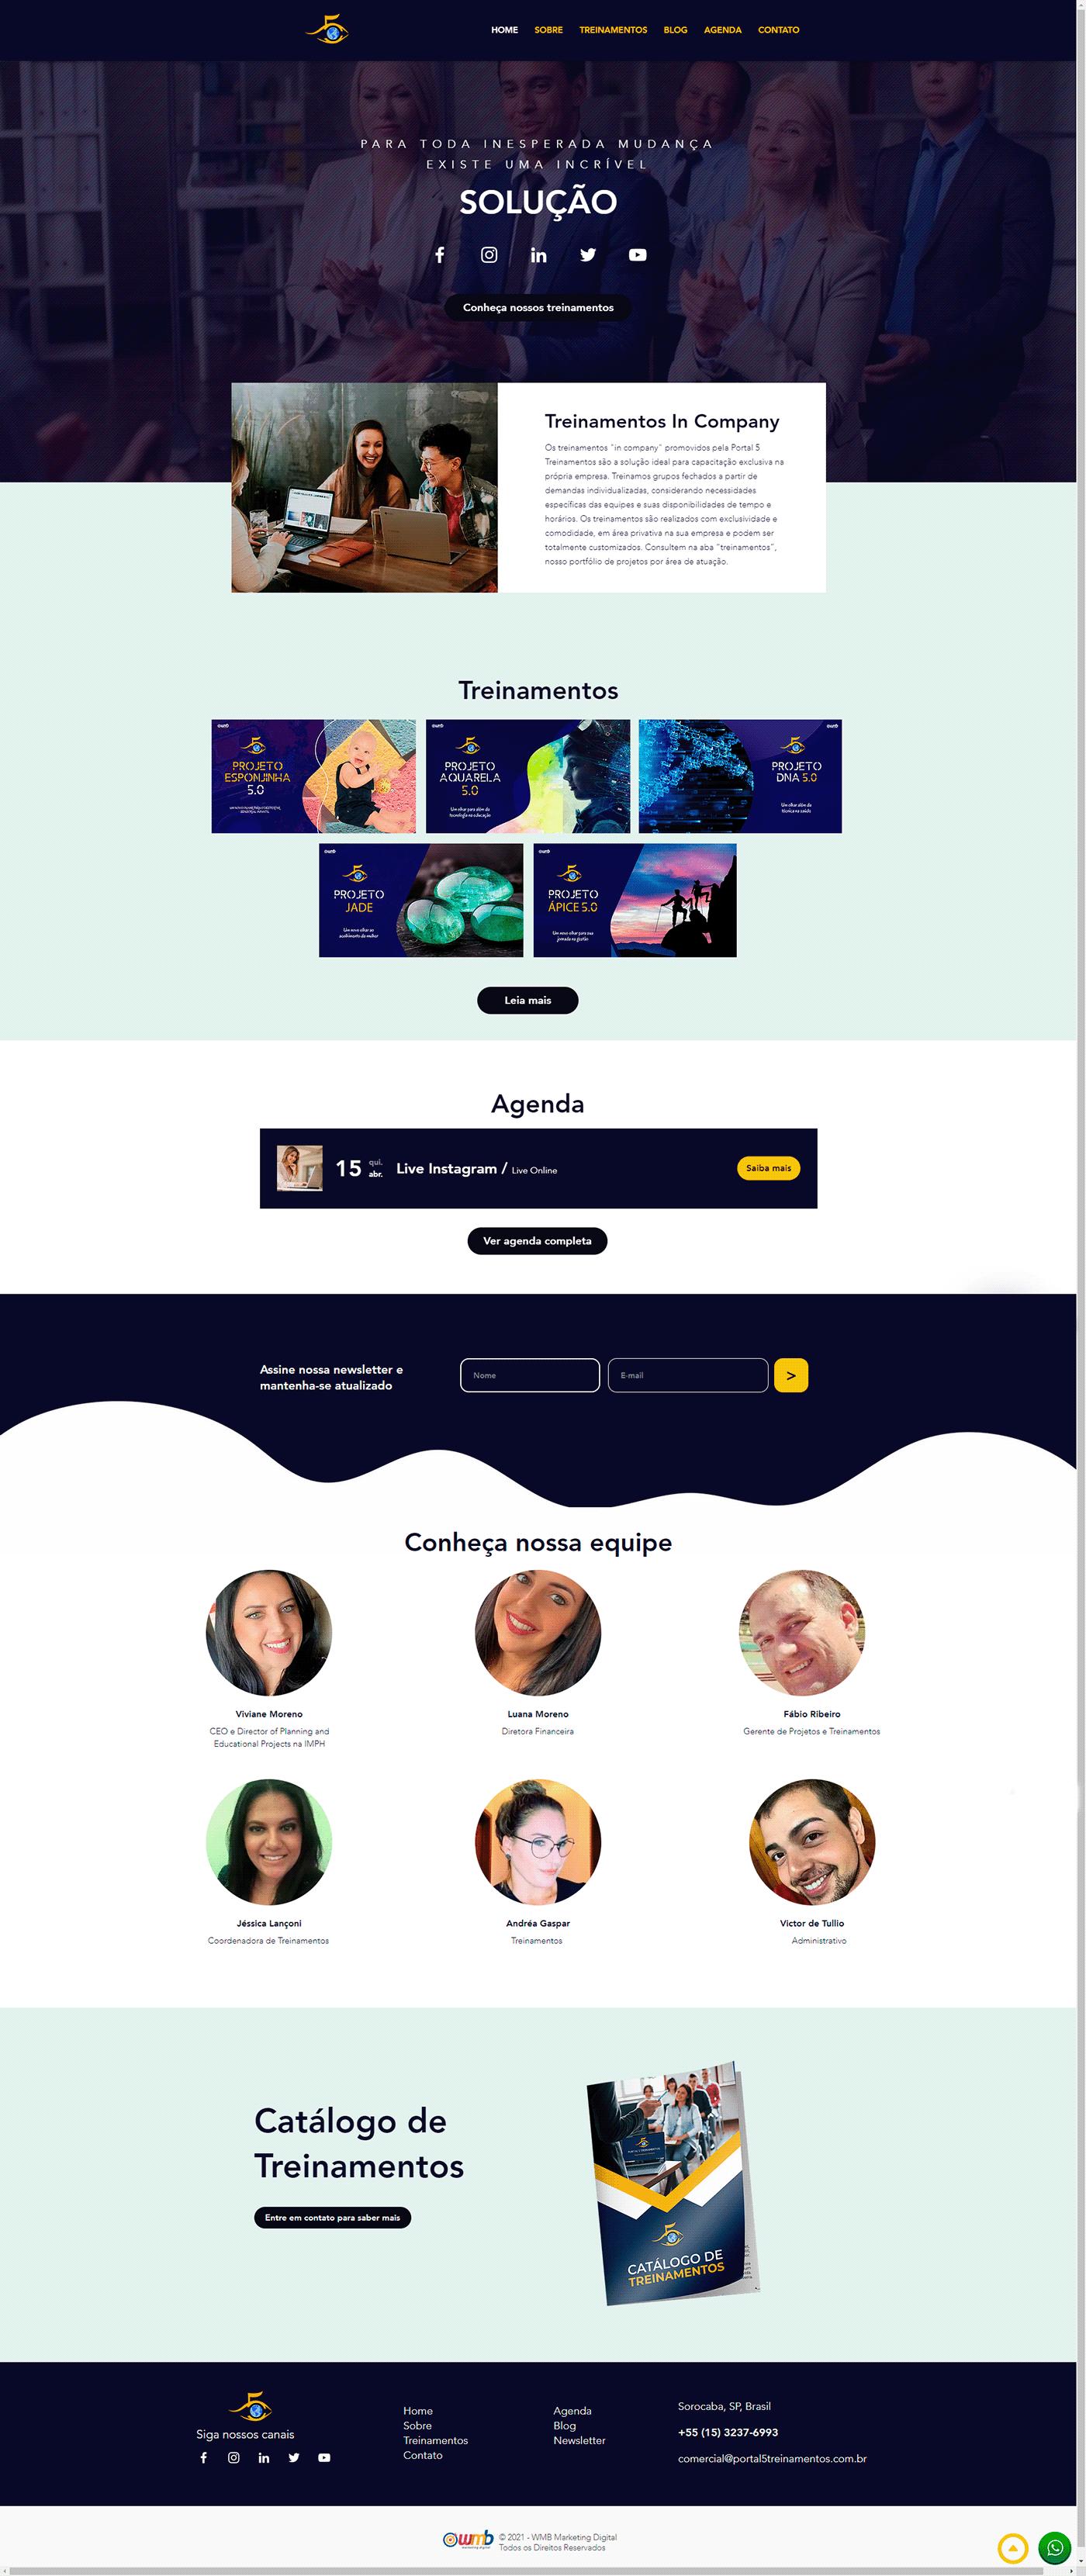 design marketing   portal site solução Treinamentos